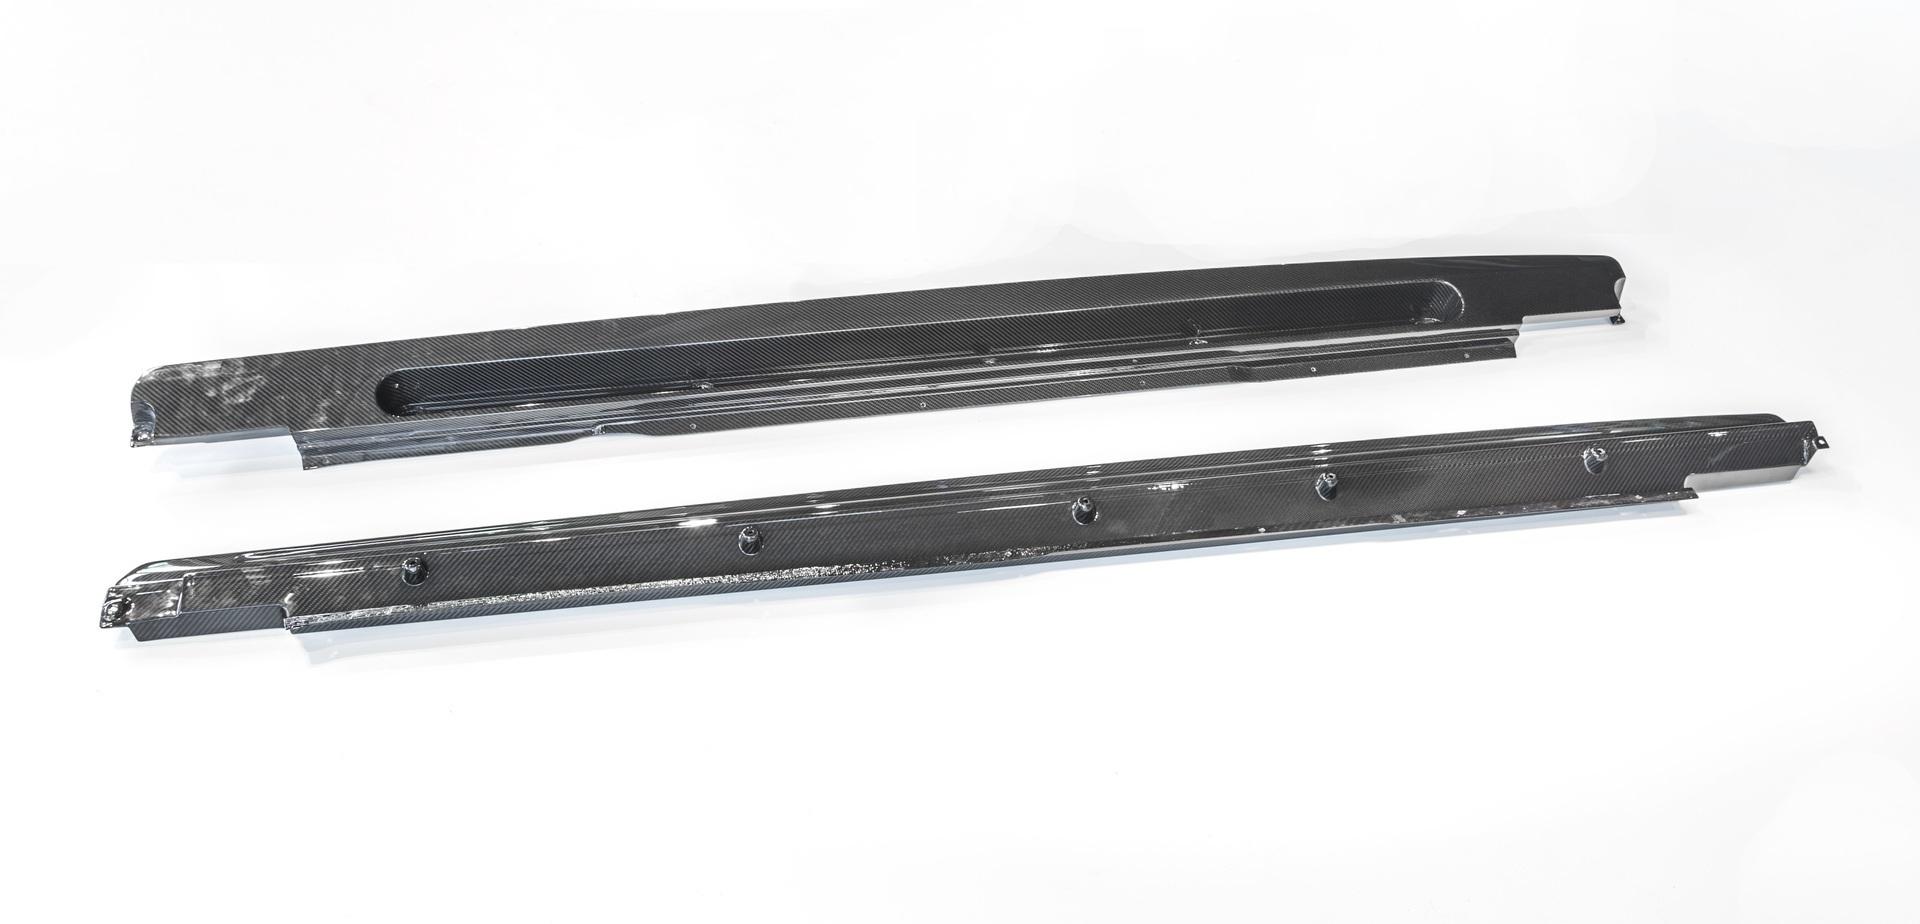 Hodoor Performance Carbon fiber sill pads for Bentley Bentayga Copy